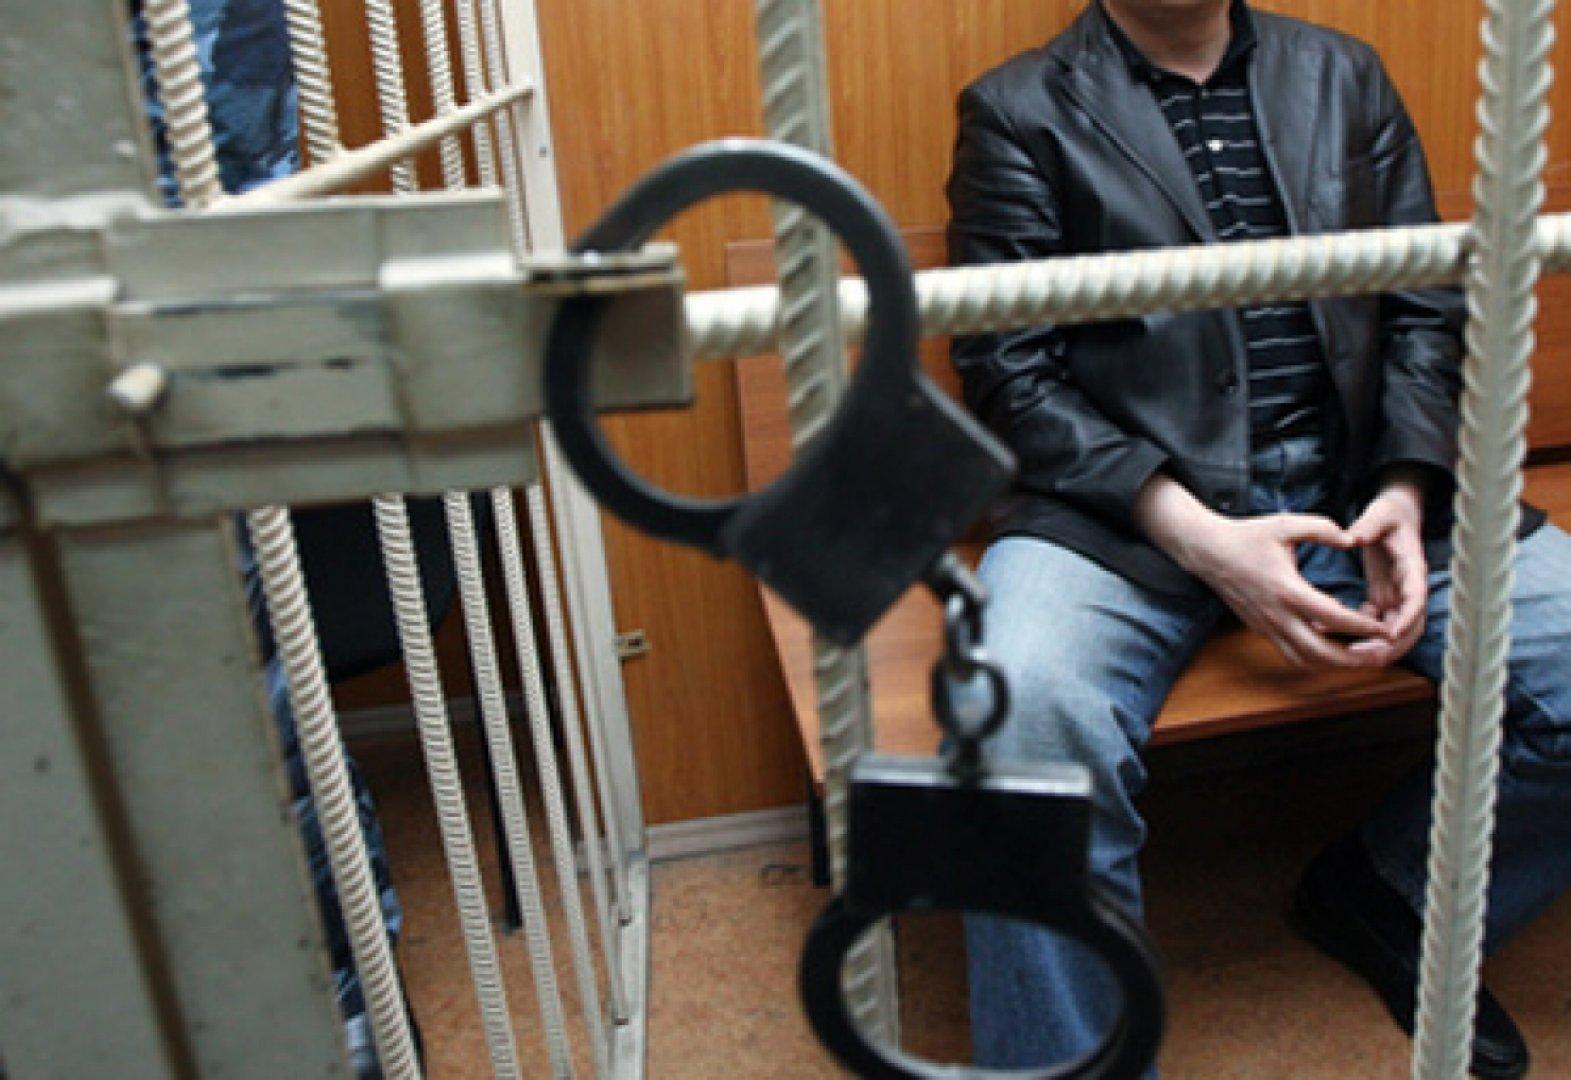 Жамбыл облысында өз әйелі мен баласын қатігездікпен өлтірген ер адам жазадан сытылып кетті